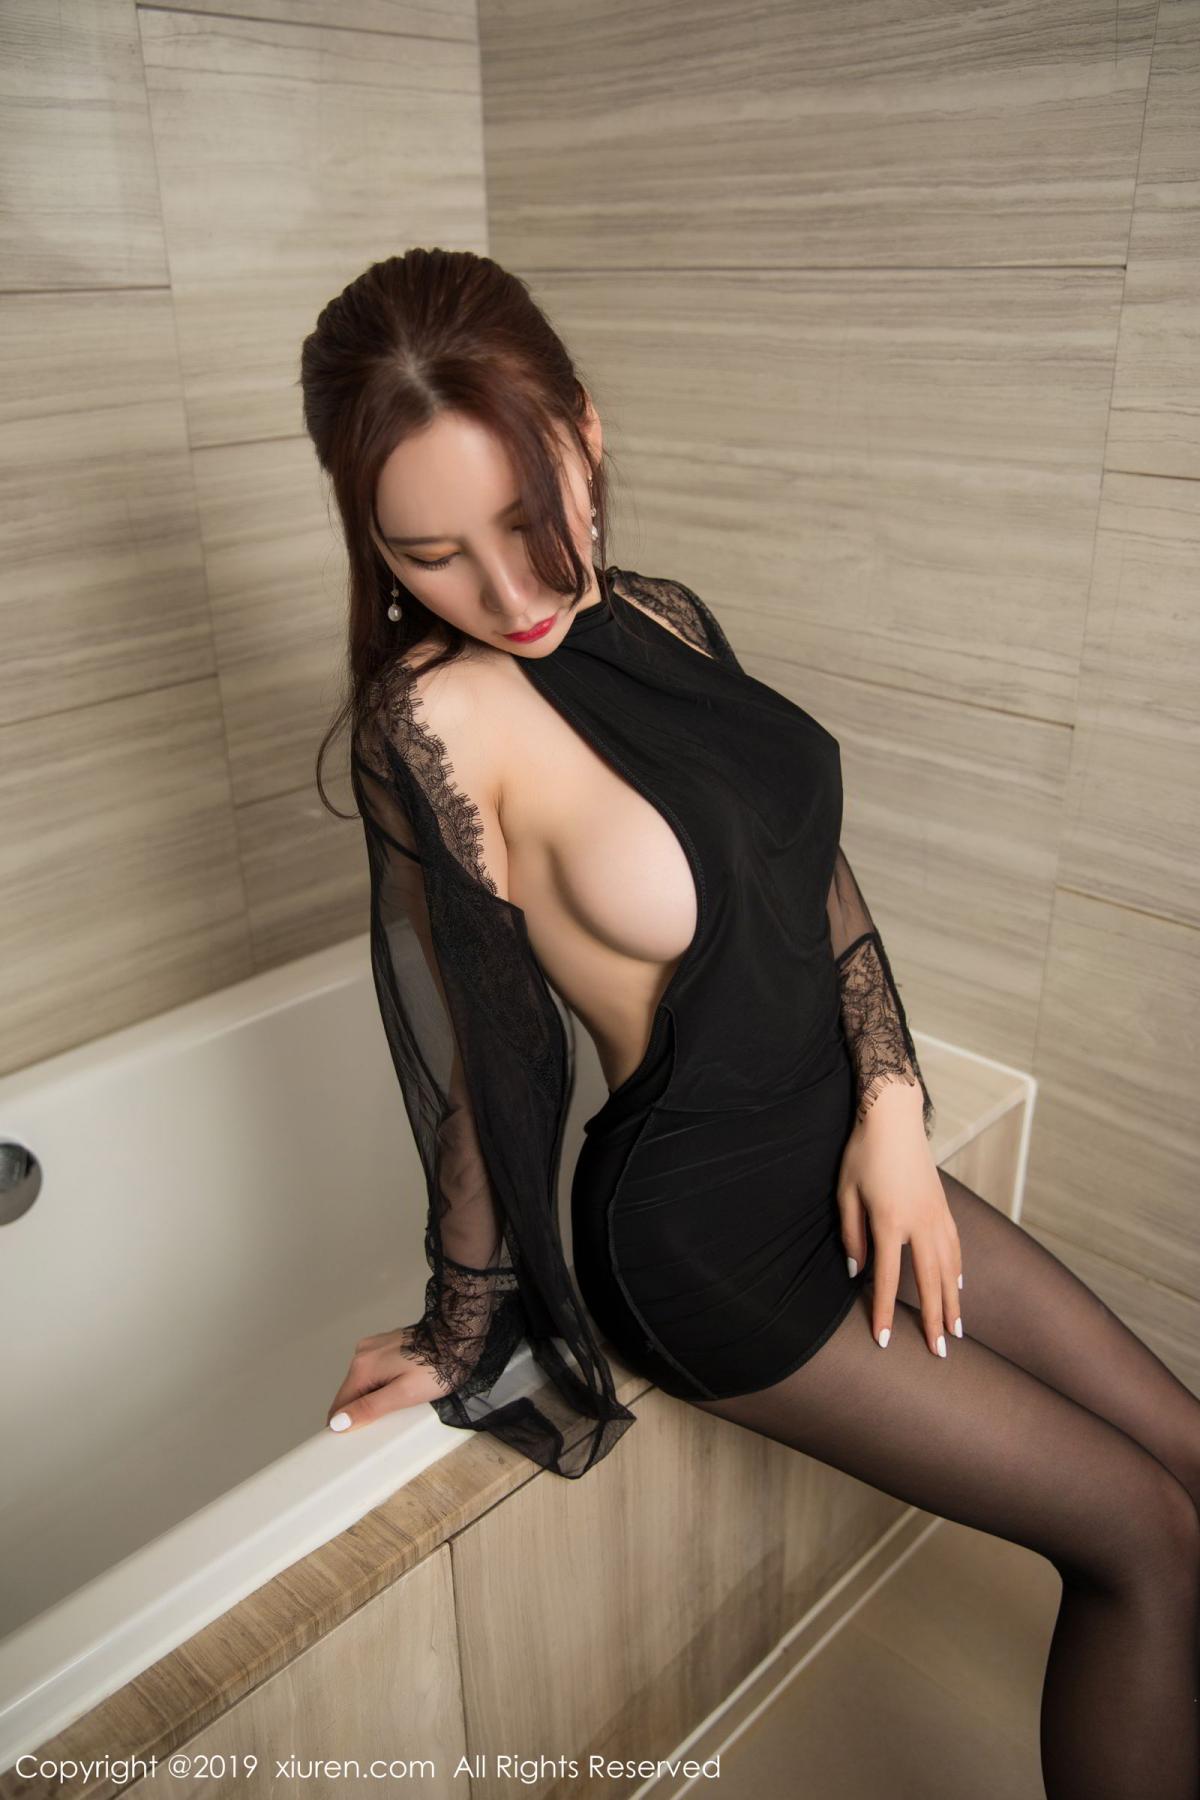 [XiuRen] Vol.1556 Zhou Yu Xi 11P, Bathroom, Black Silk, Tall, Underwear, Xiuren, Zhou Yu Xi